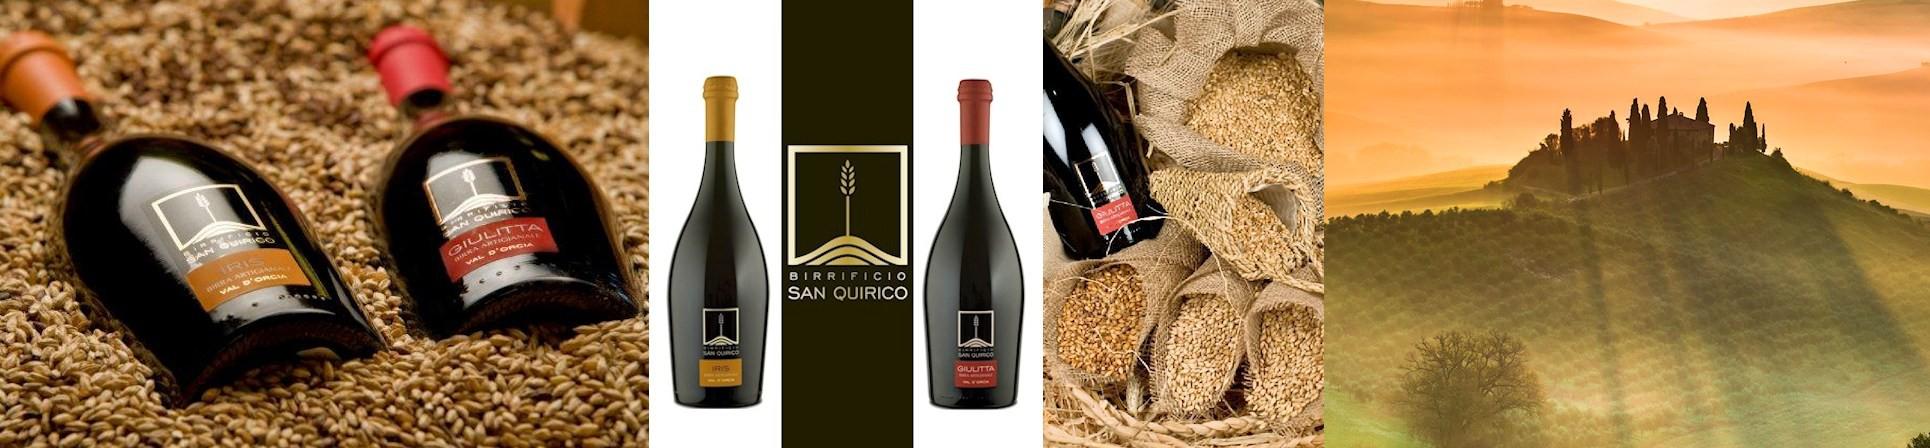 Birrificio artigianale San Quirico - vendita online